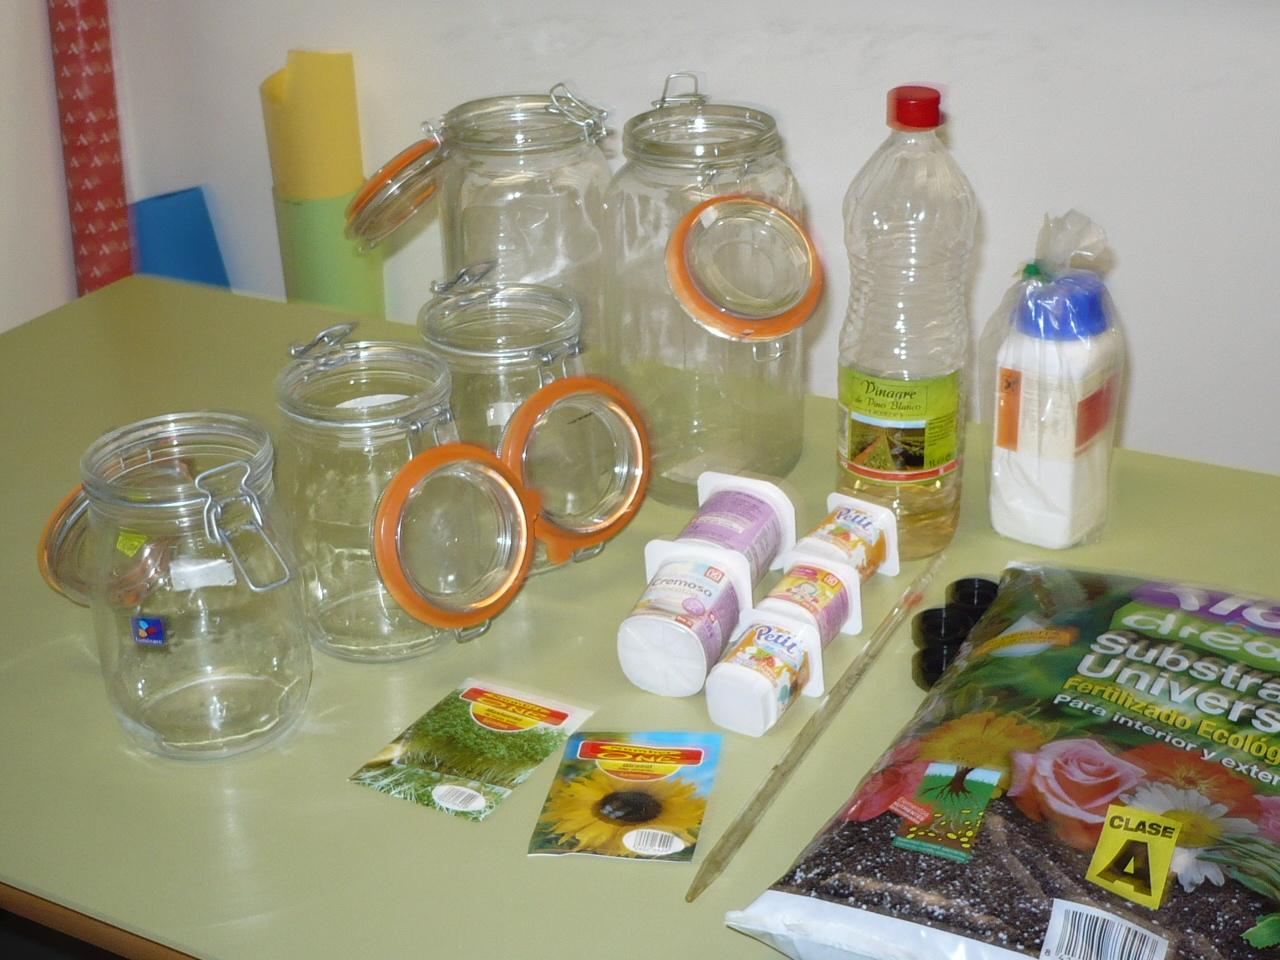 cuatro frascos de cierre hermético dos de ellos con una capacidad de